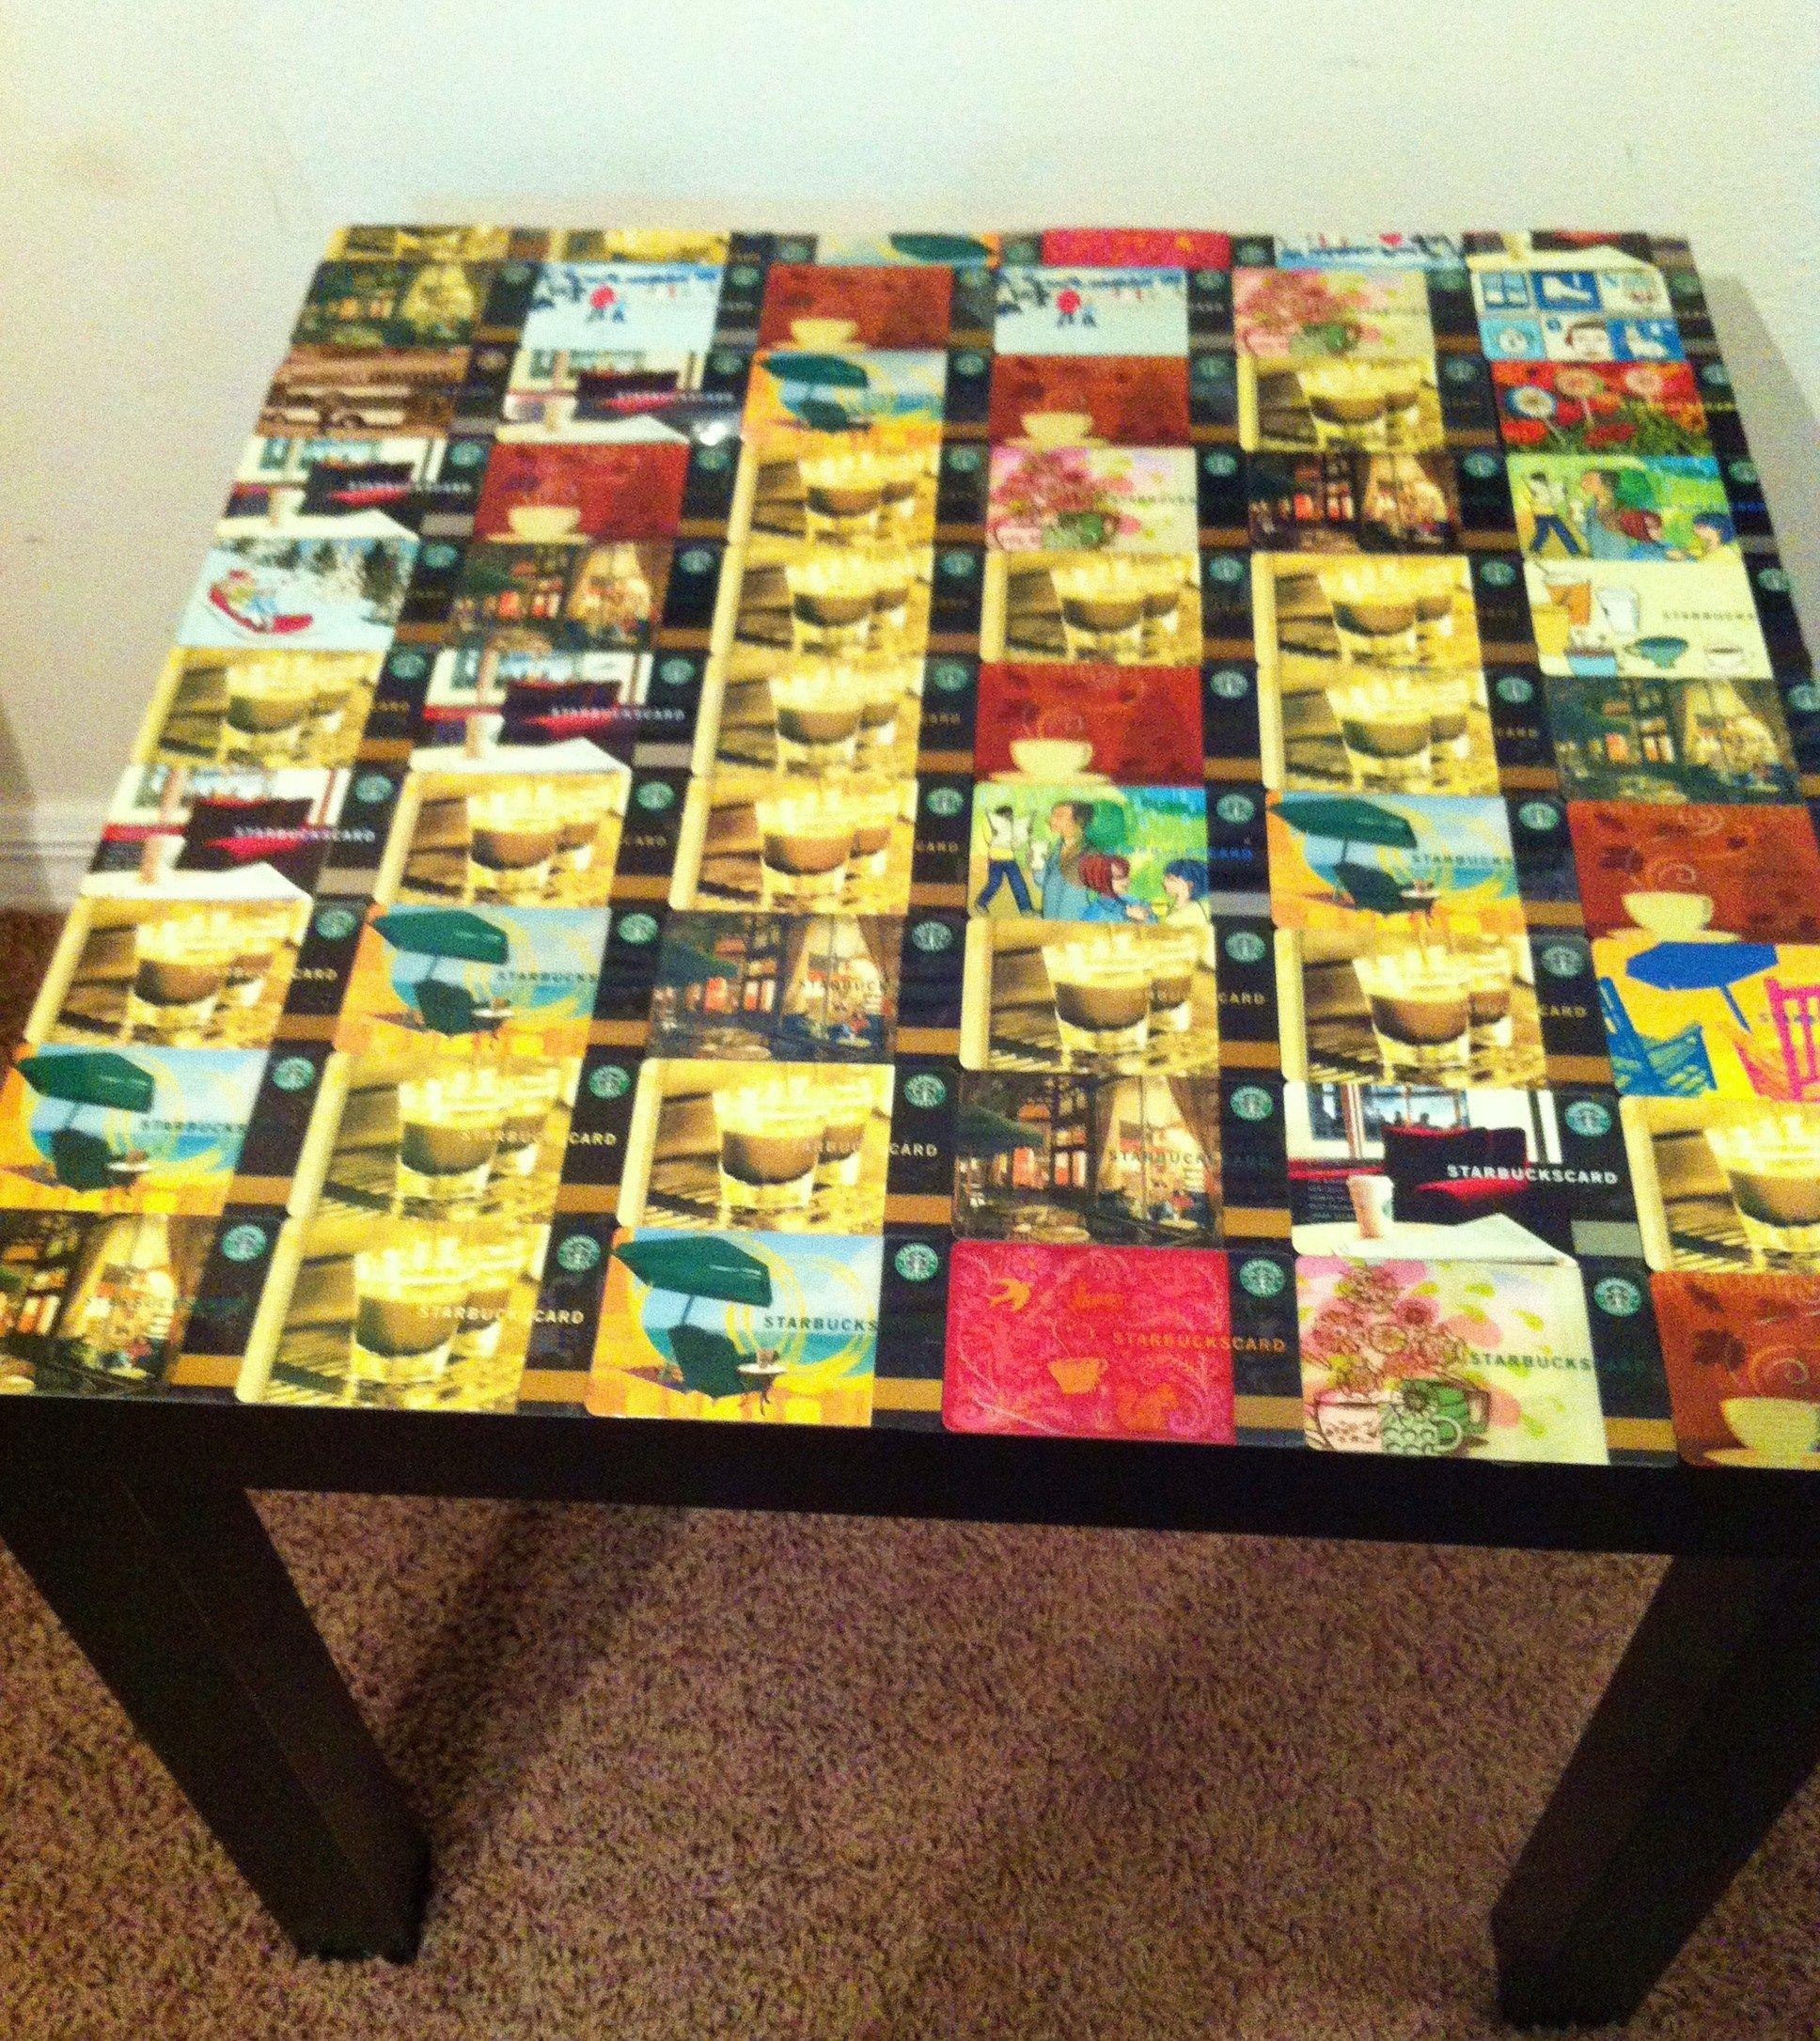 DIY Starbucks gift card side table. I took all my old Starbucks gift ...